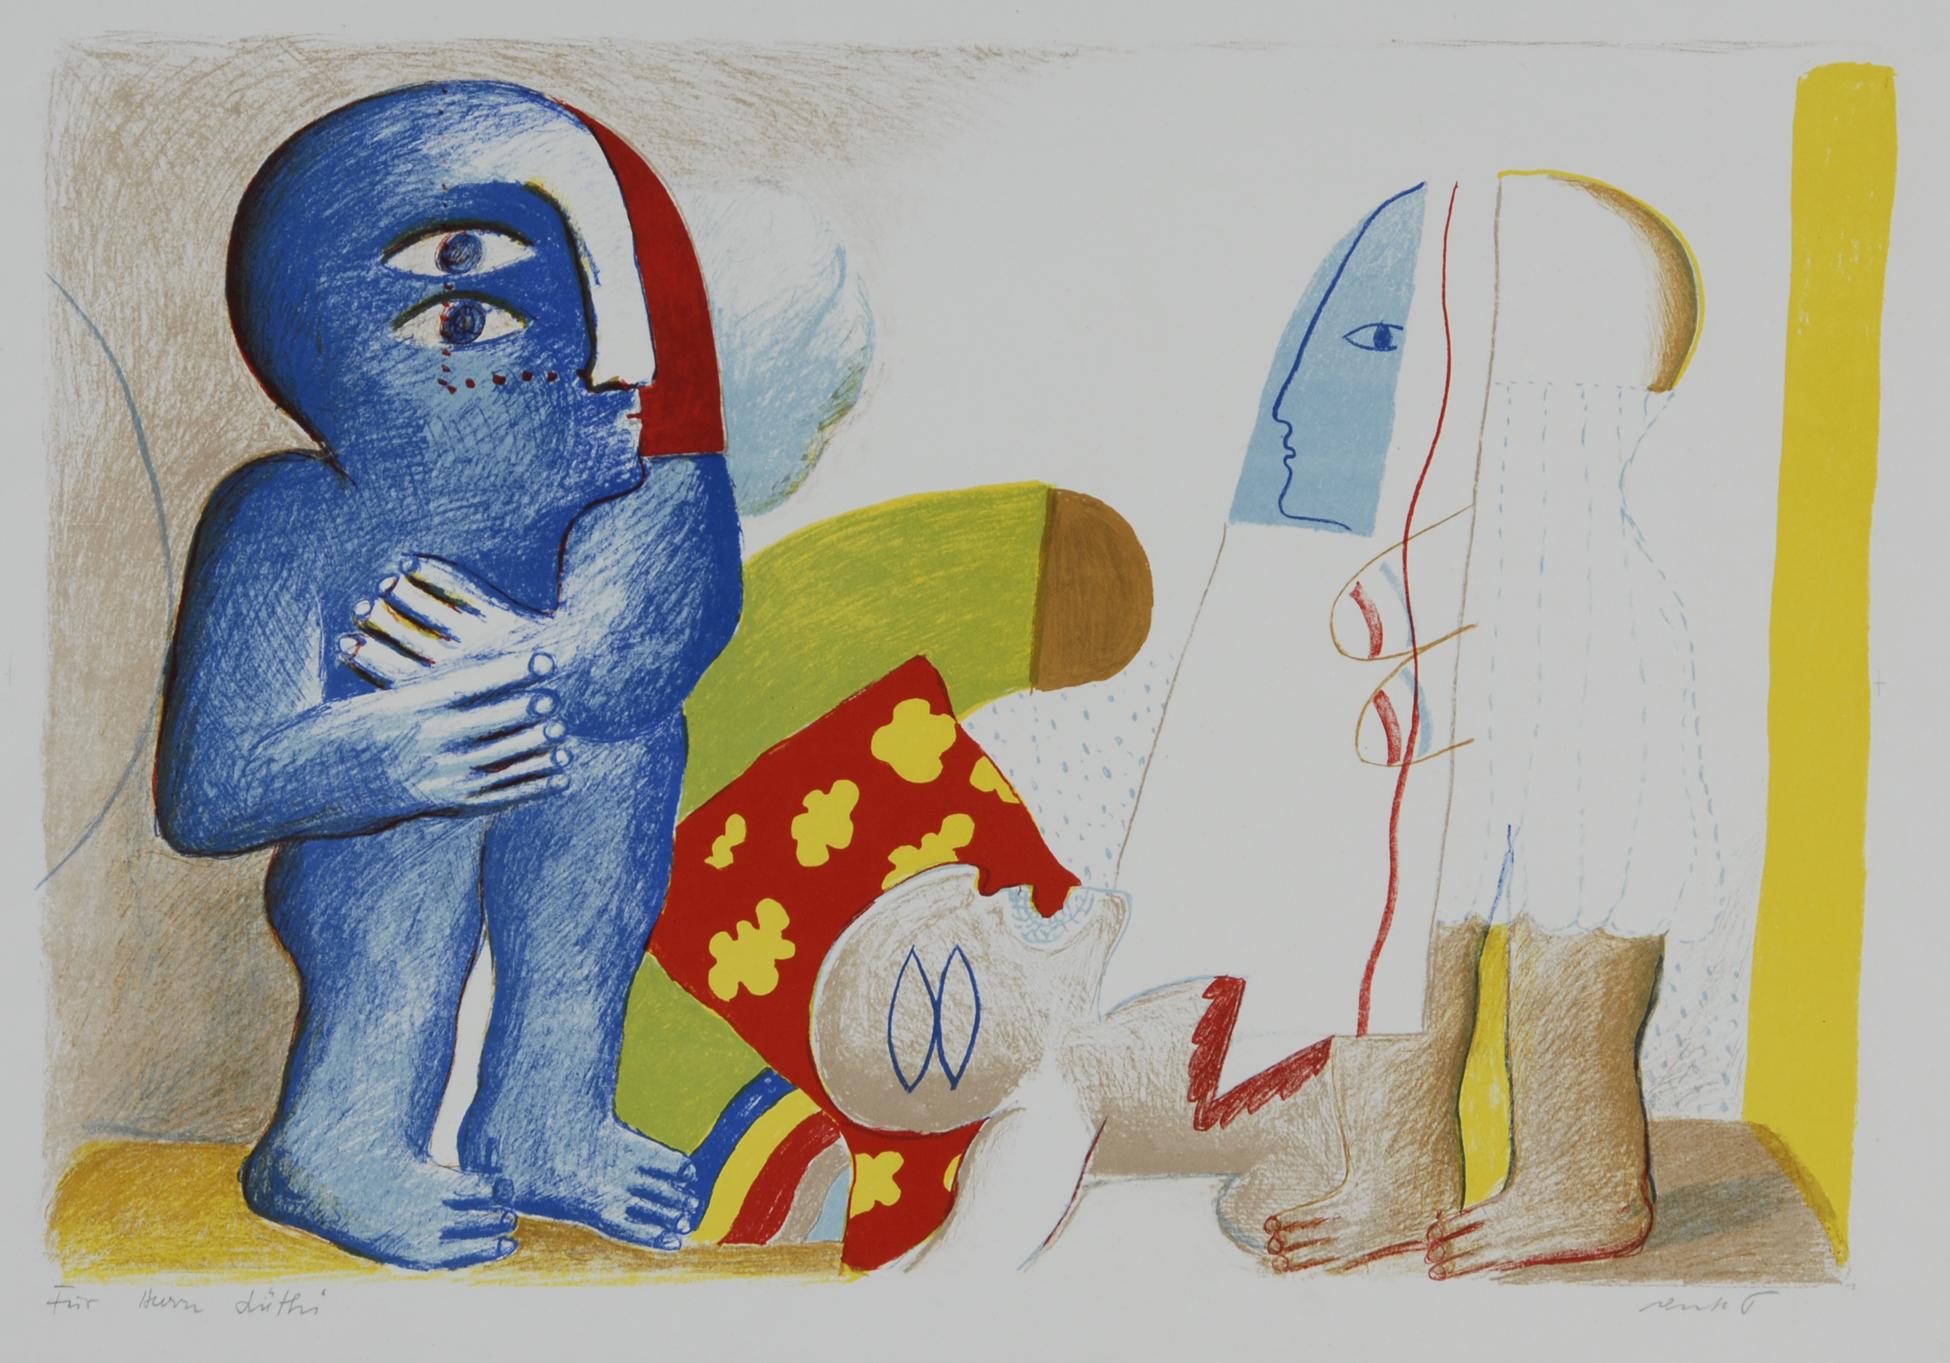 Antes Horst, 3 sheets: Paar mit toter Figur, 1965; Grosses Stilleben mit Kopf, 1965; Hockende Figur im Kasten, 1967